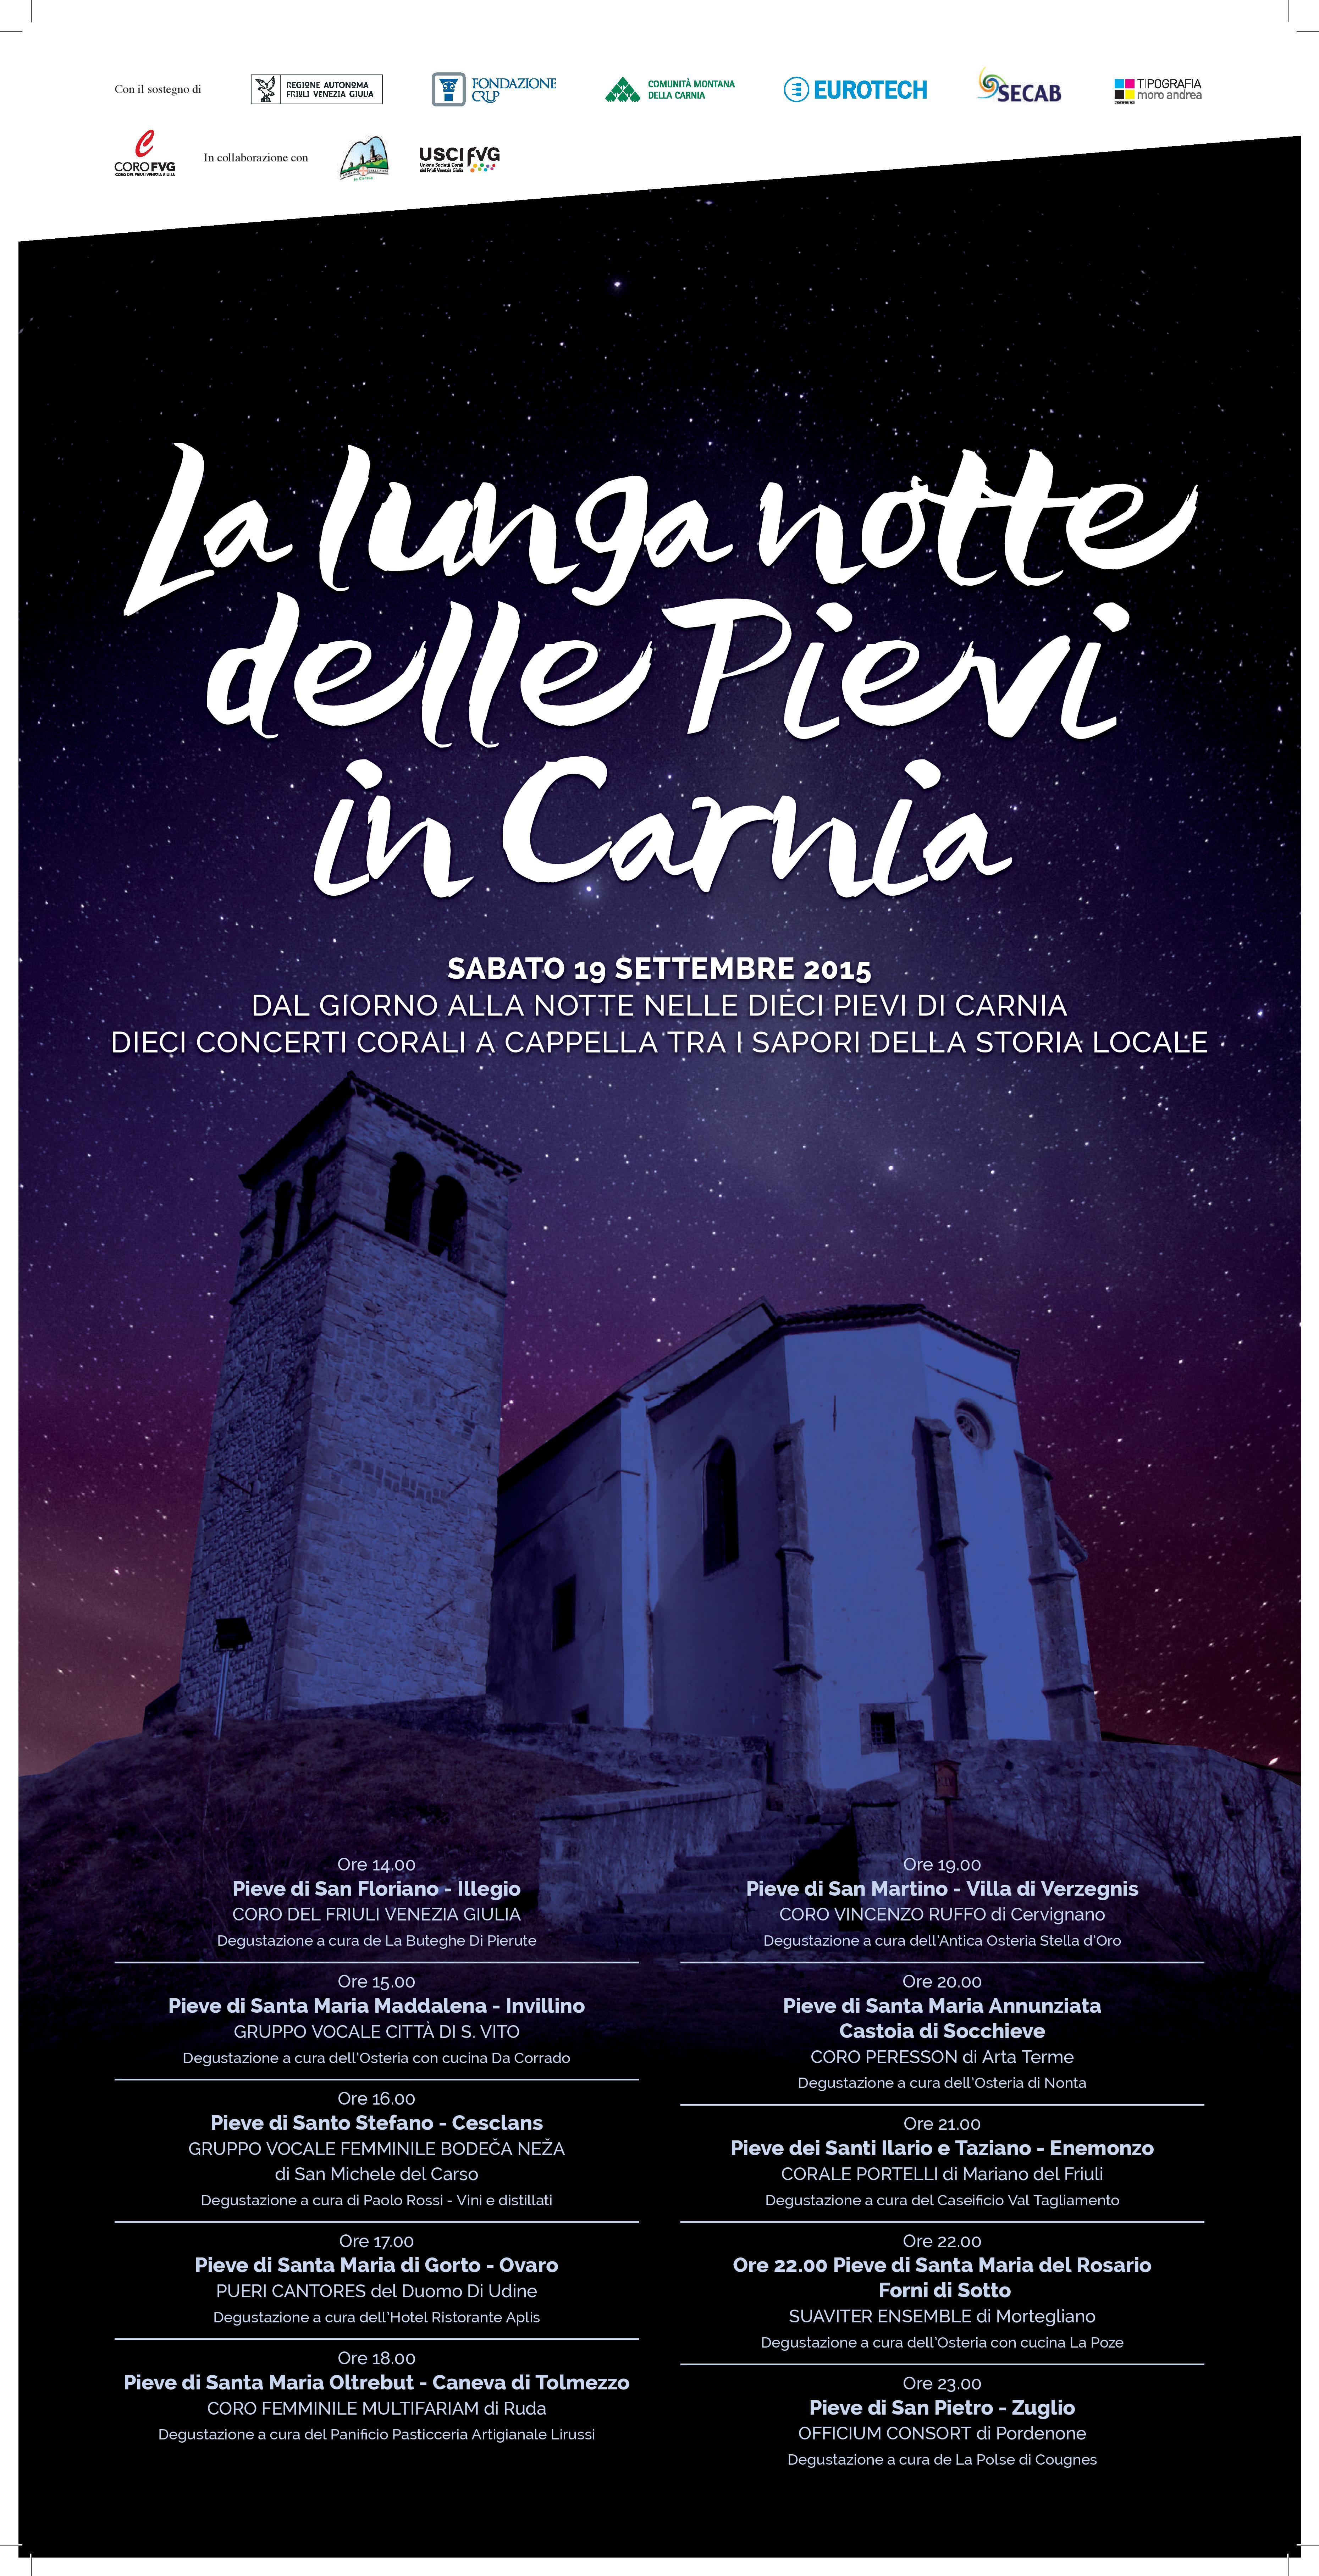 Locandina_La lunga notte delle Pievi in Carnia.compressed